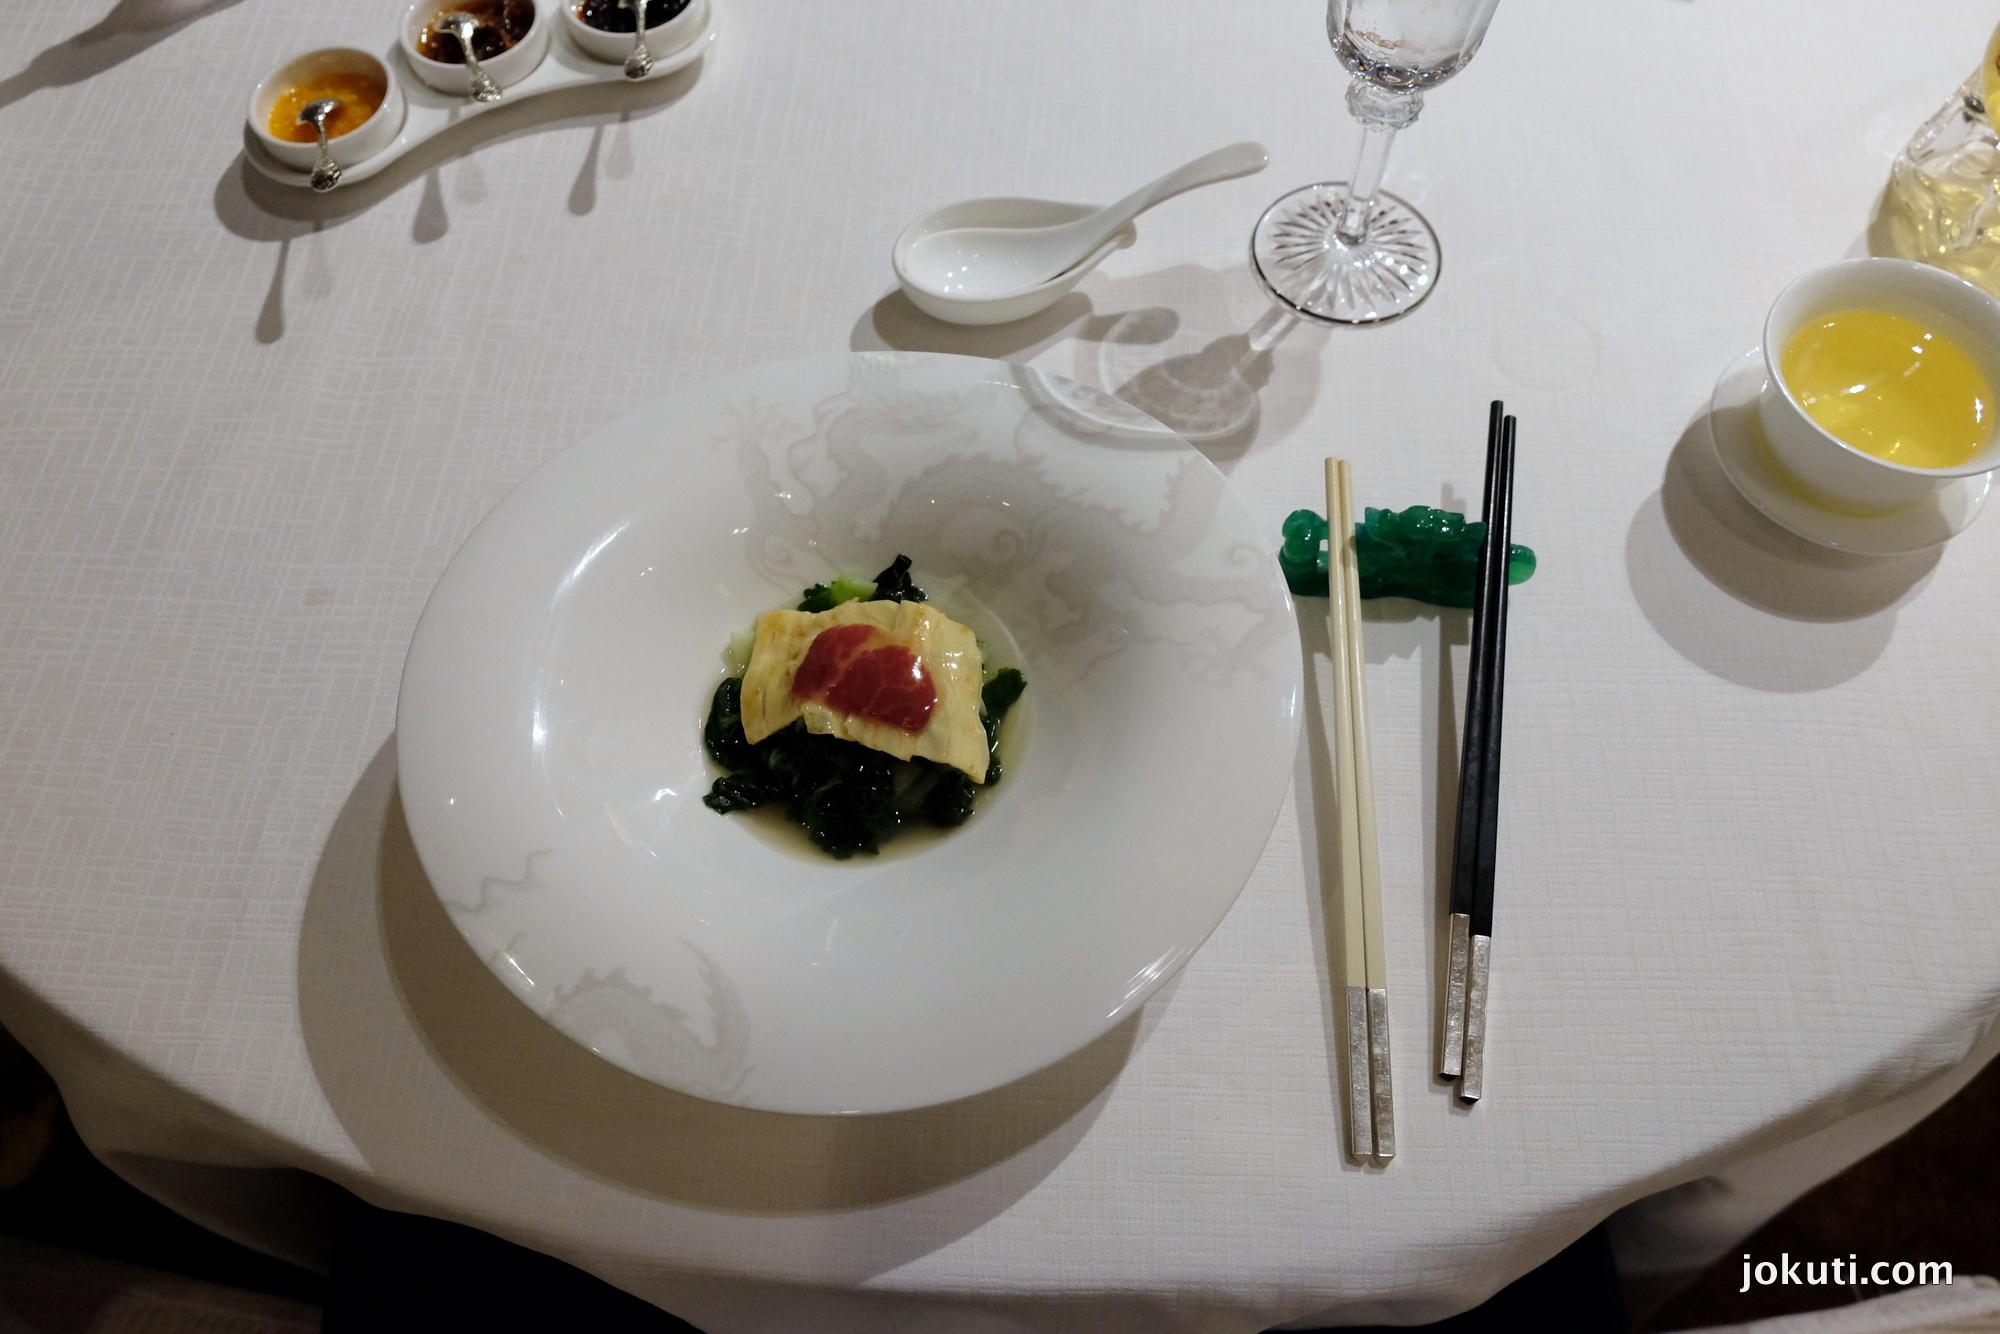 dscf6926_jade_dragon_restaurant_cantonese_chinese_michelin_macau_makao_china_kinai_vilagevo_jokuti.jpg